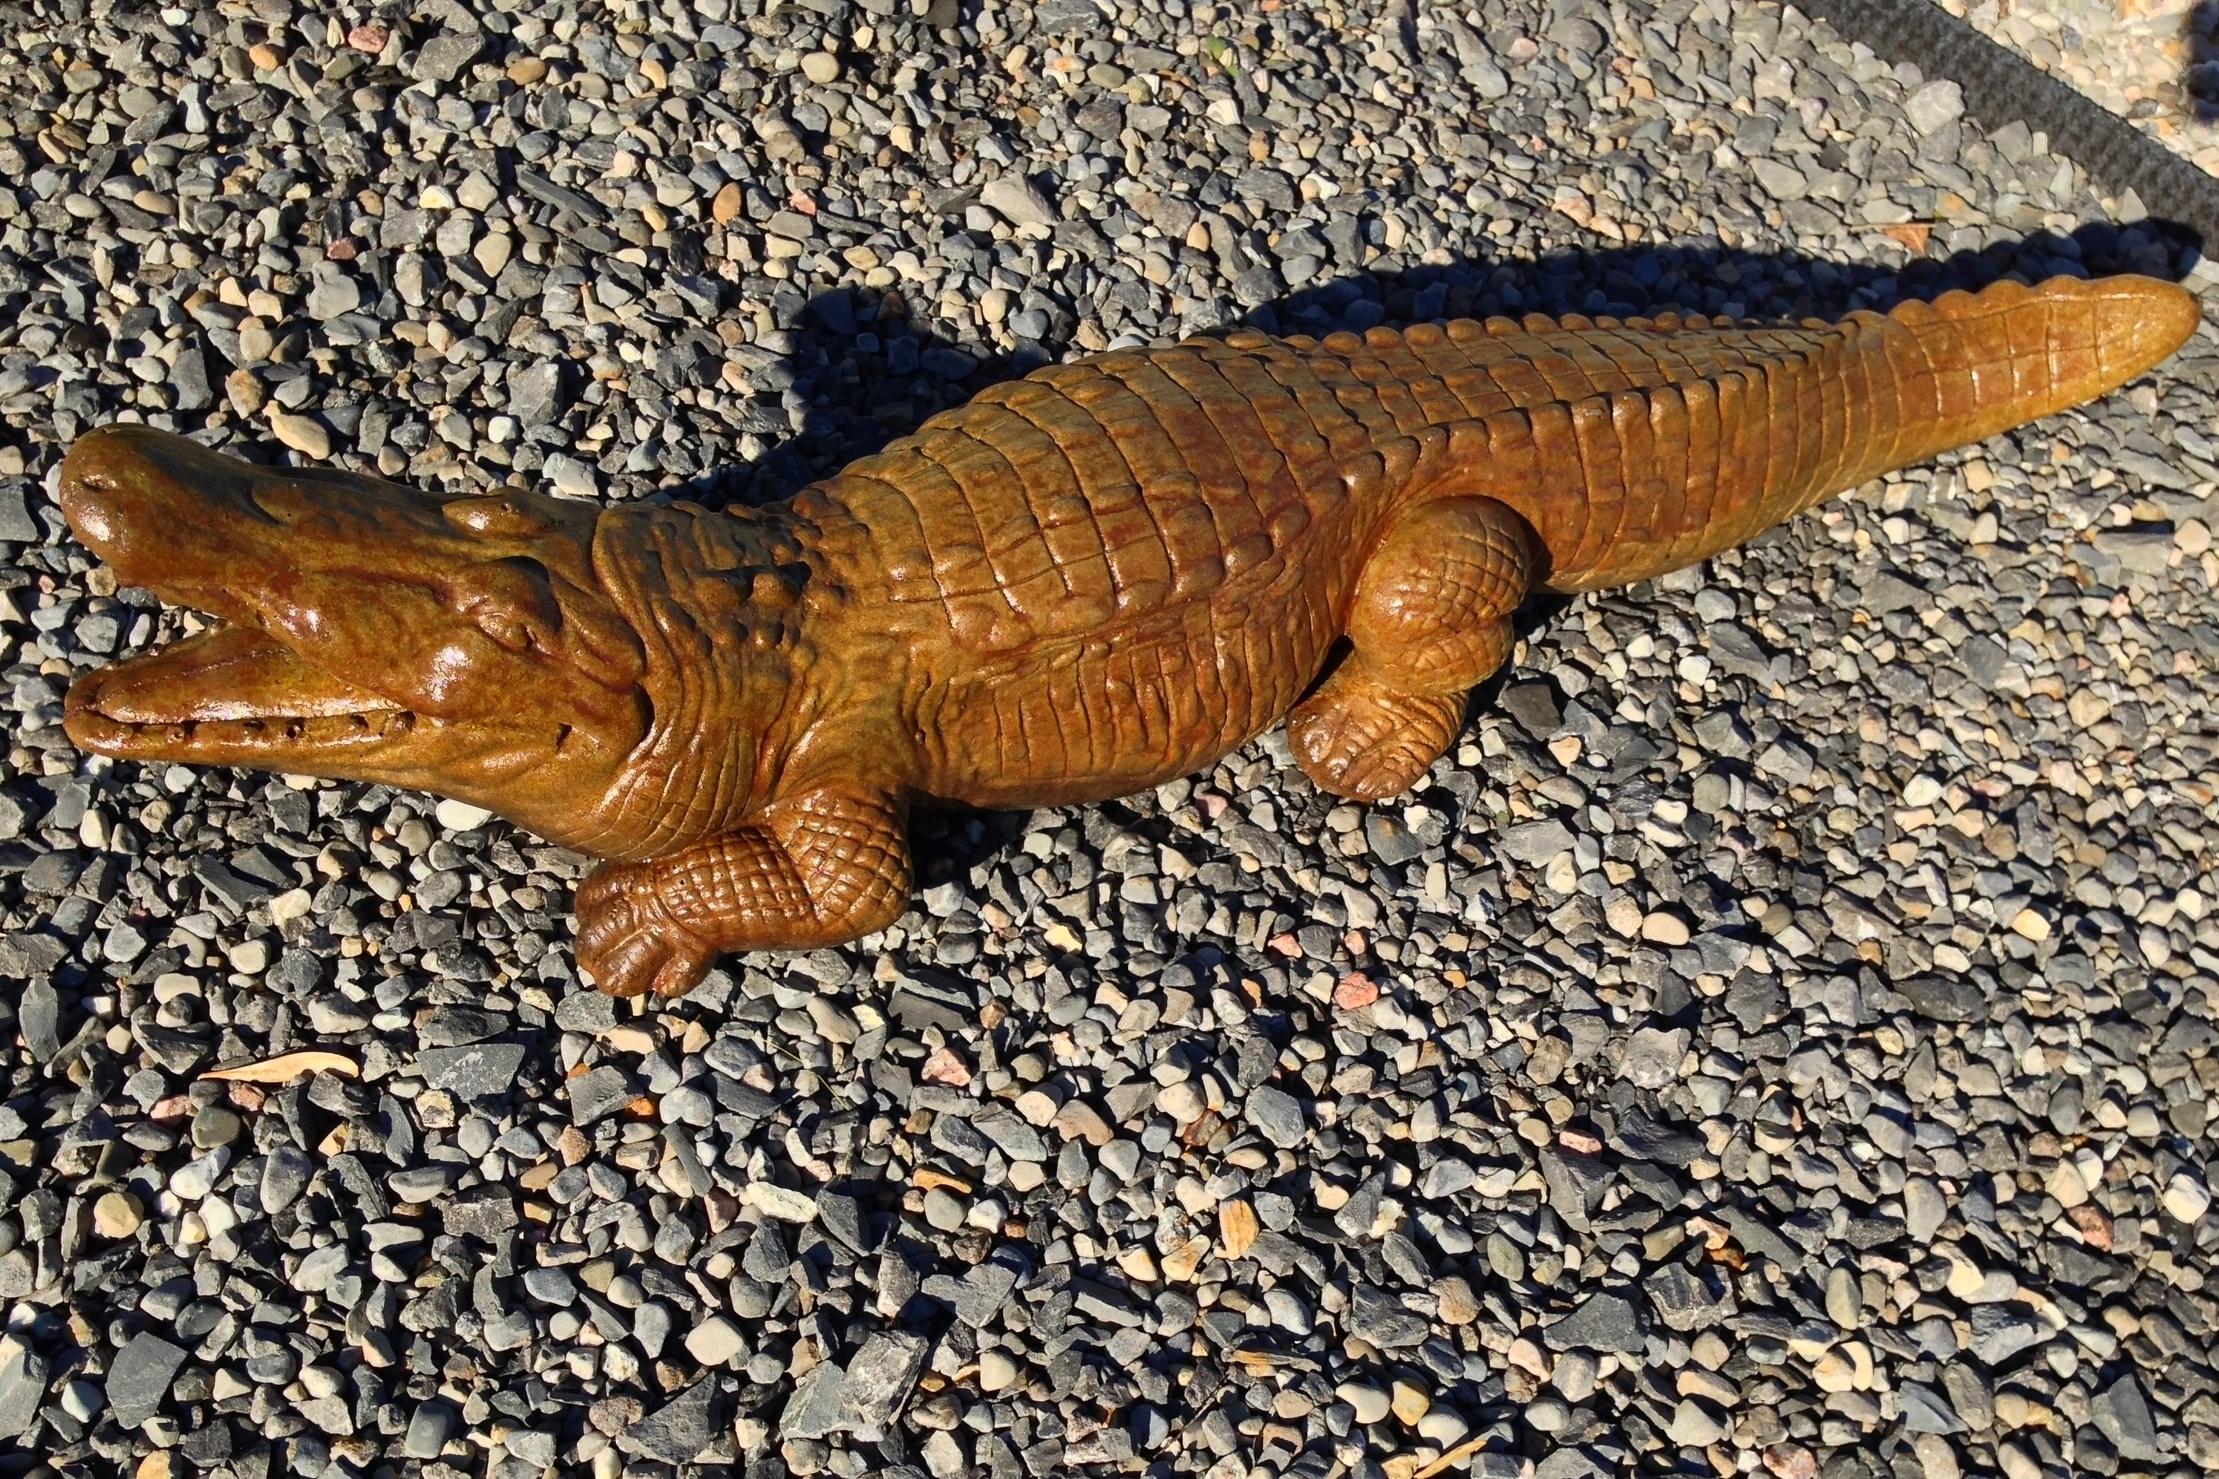 Alligator $50